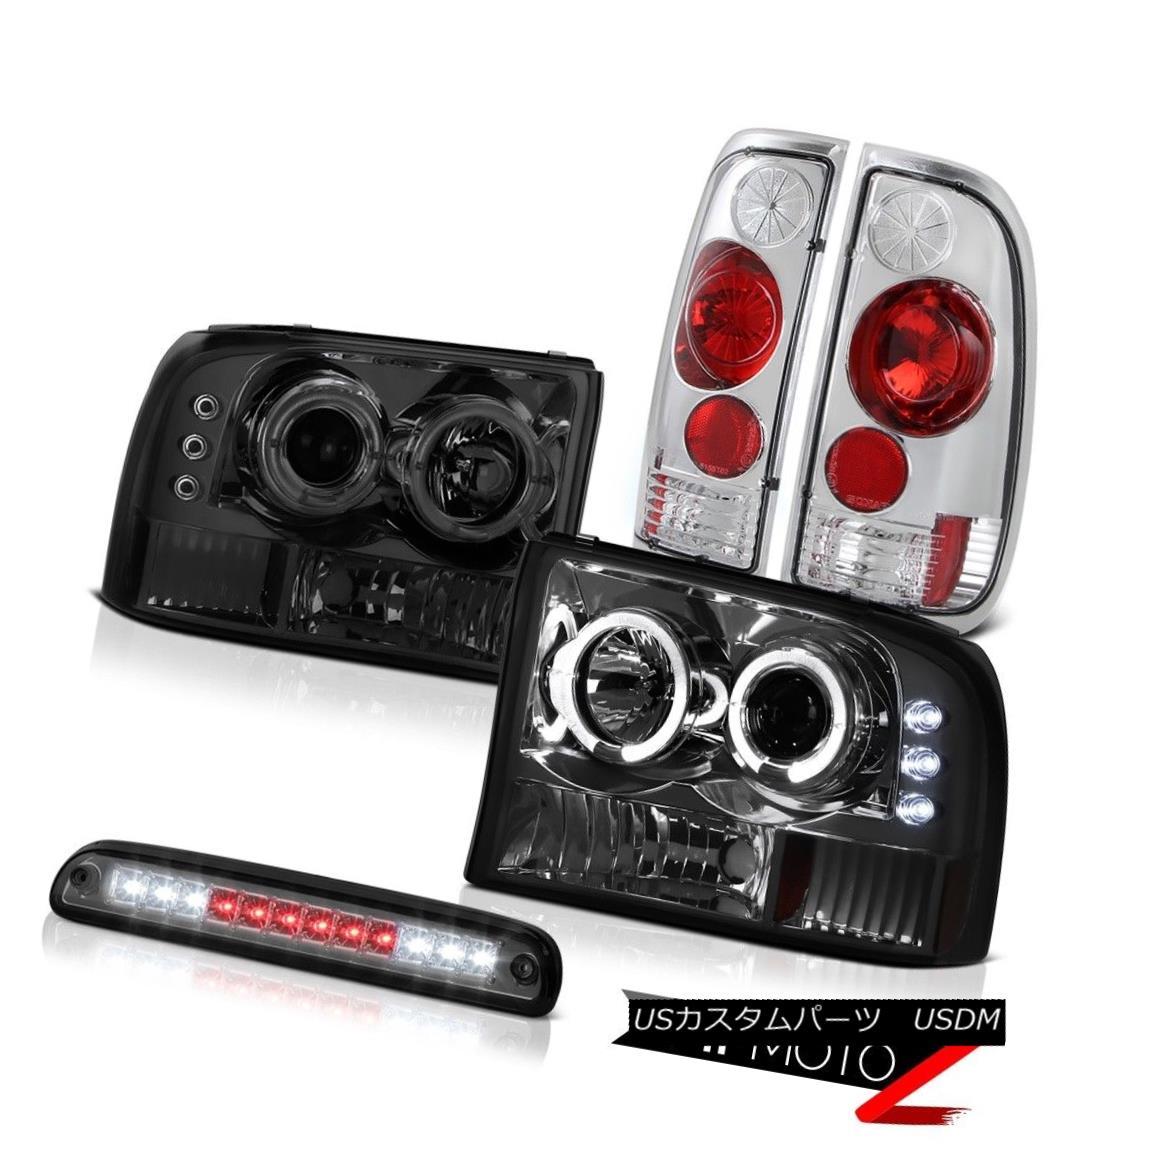 ヘッドライト Dark Halo LED Headlamps High Stop Smoke Rear Tail Lamps 1999-2004 Ford SuperDuty ダークハローLEDヘッドライトハイストップスモークリアテールランプ1999-2004 Ford SuperDuty